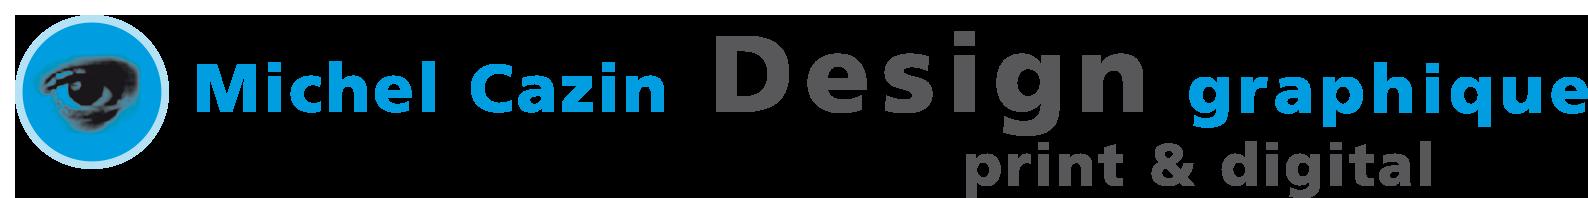 Michel Cazin Design graphique